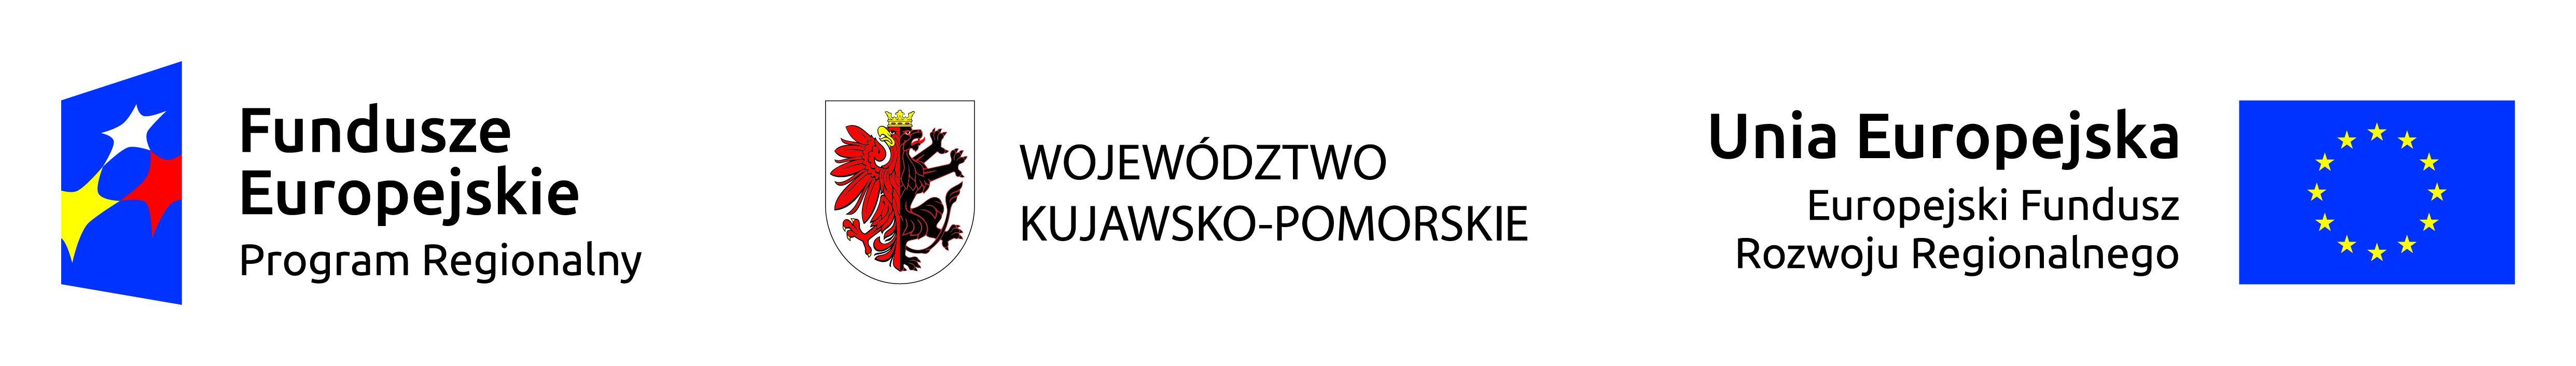 Finansowanie: Fundusze Europejskie Program Regionalny, Województwo Kujawsko-Pomorskie, Unia Europejska Europejski Fundusz Społeczny